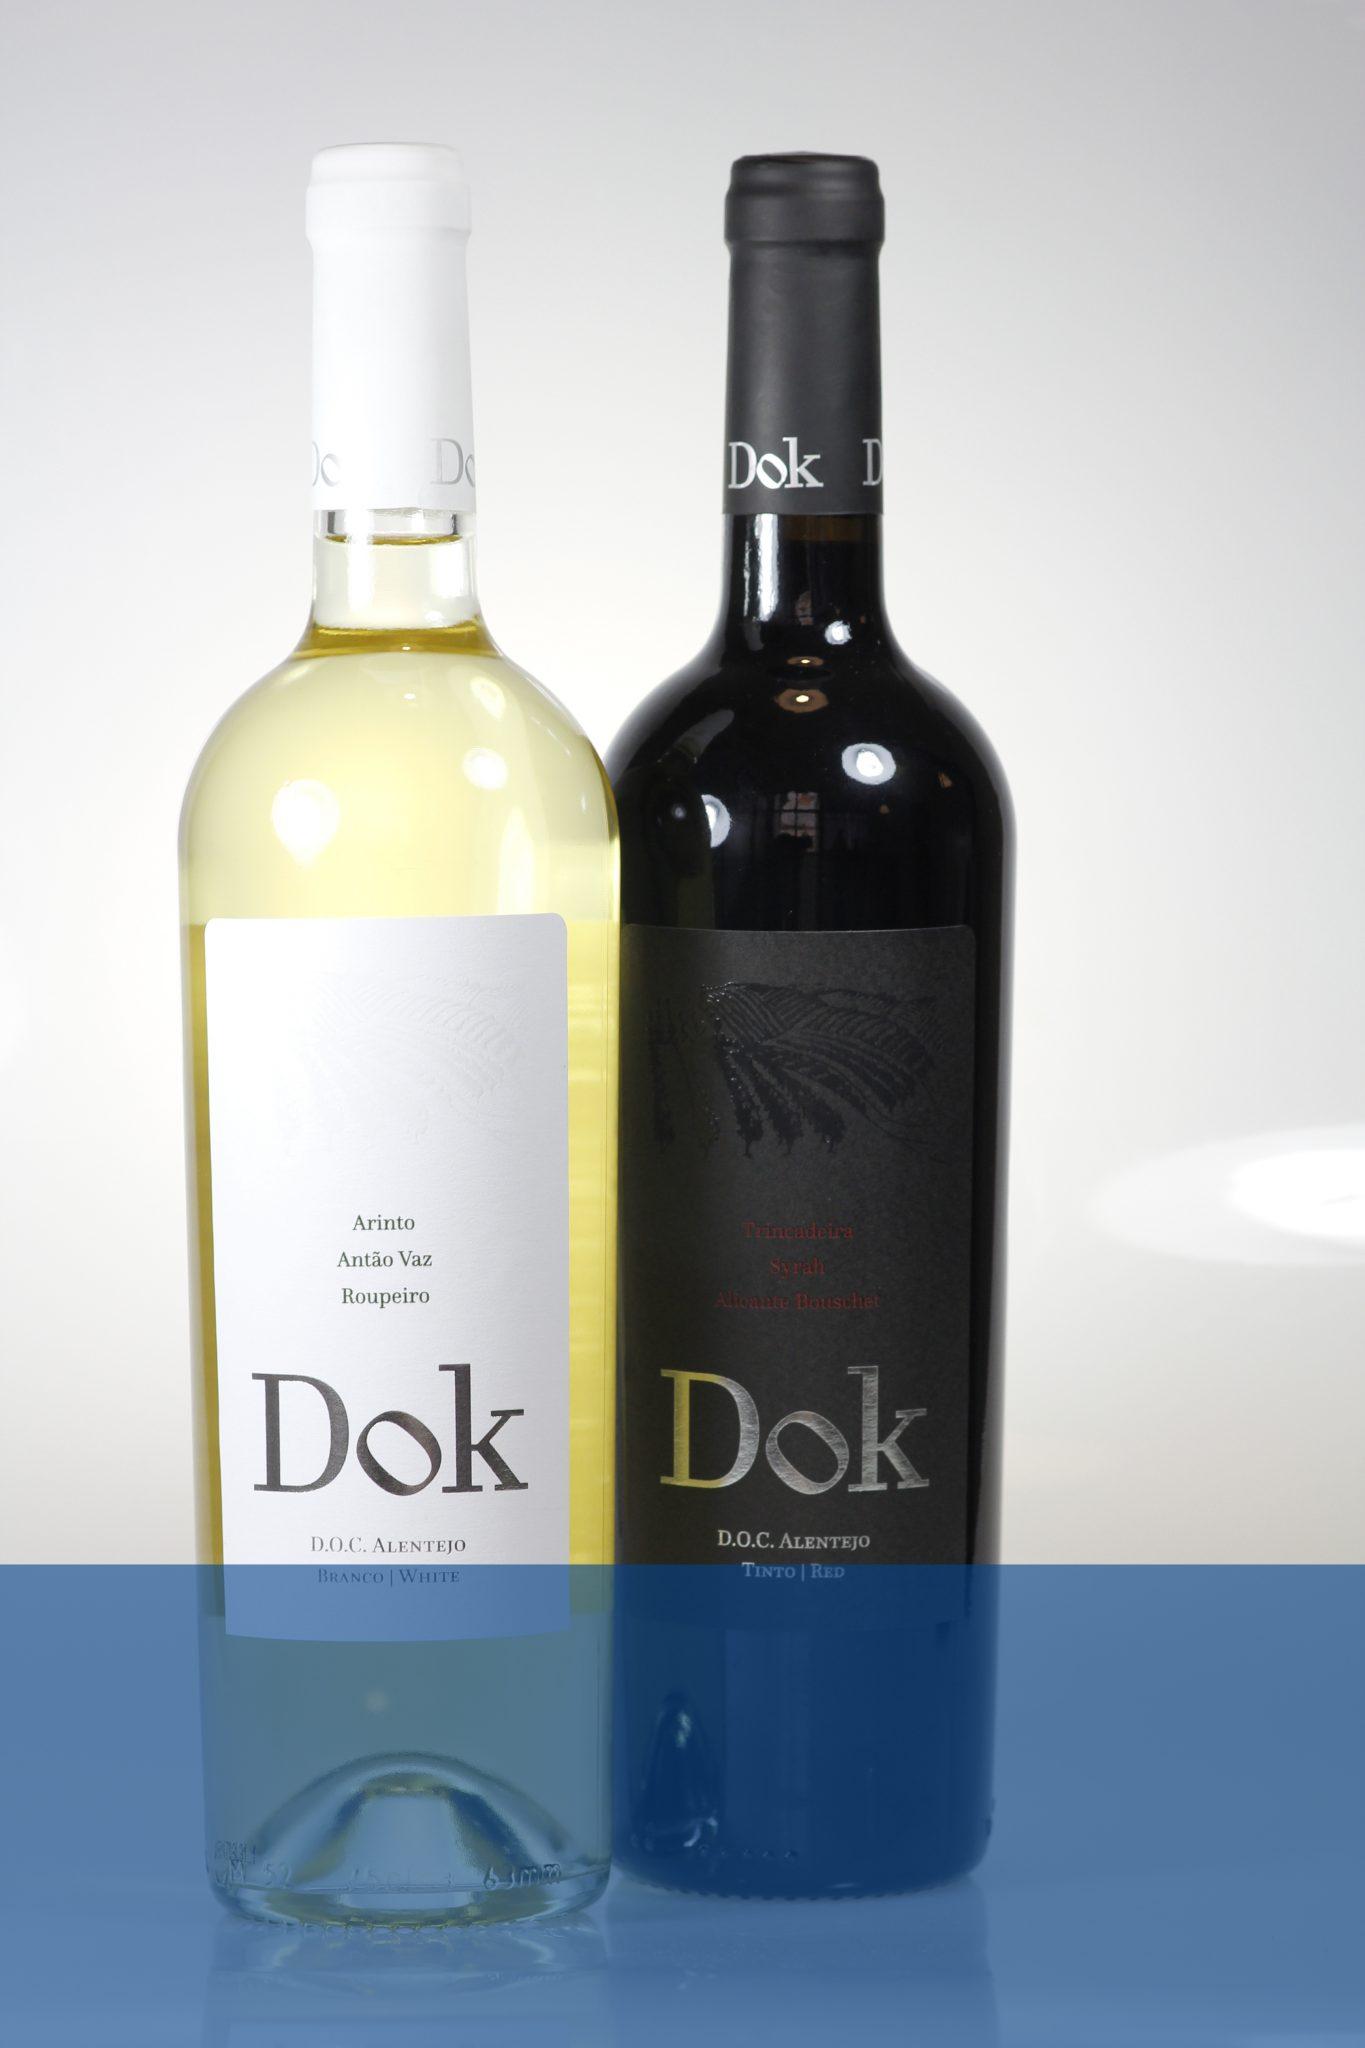 vinho_dok_2